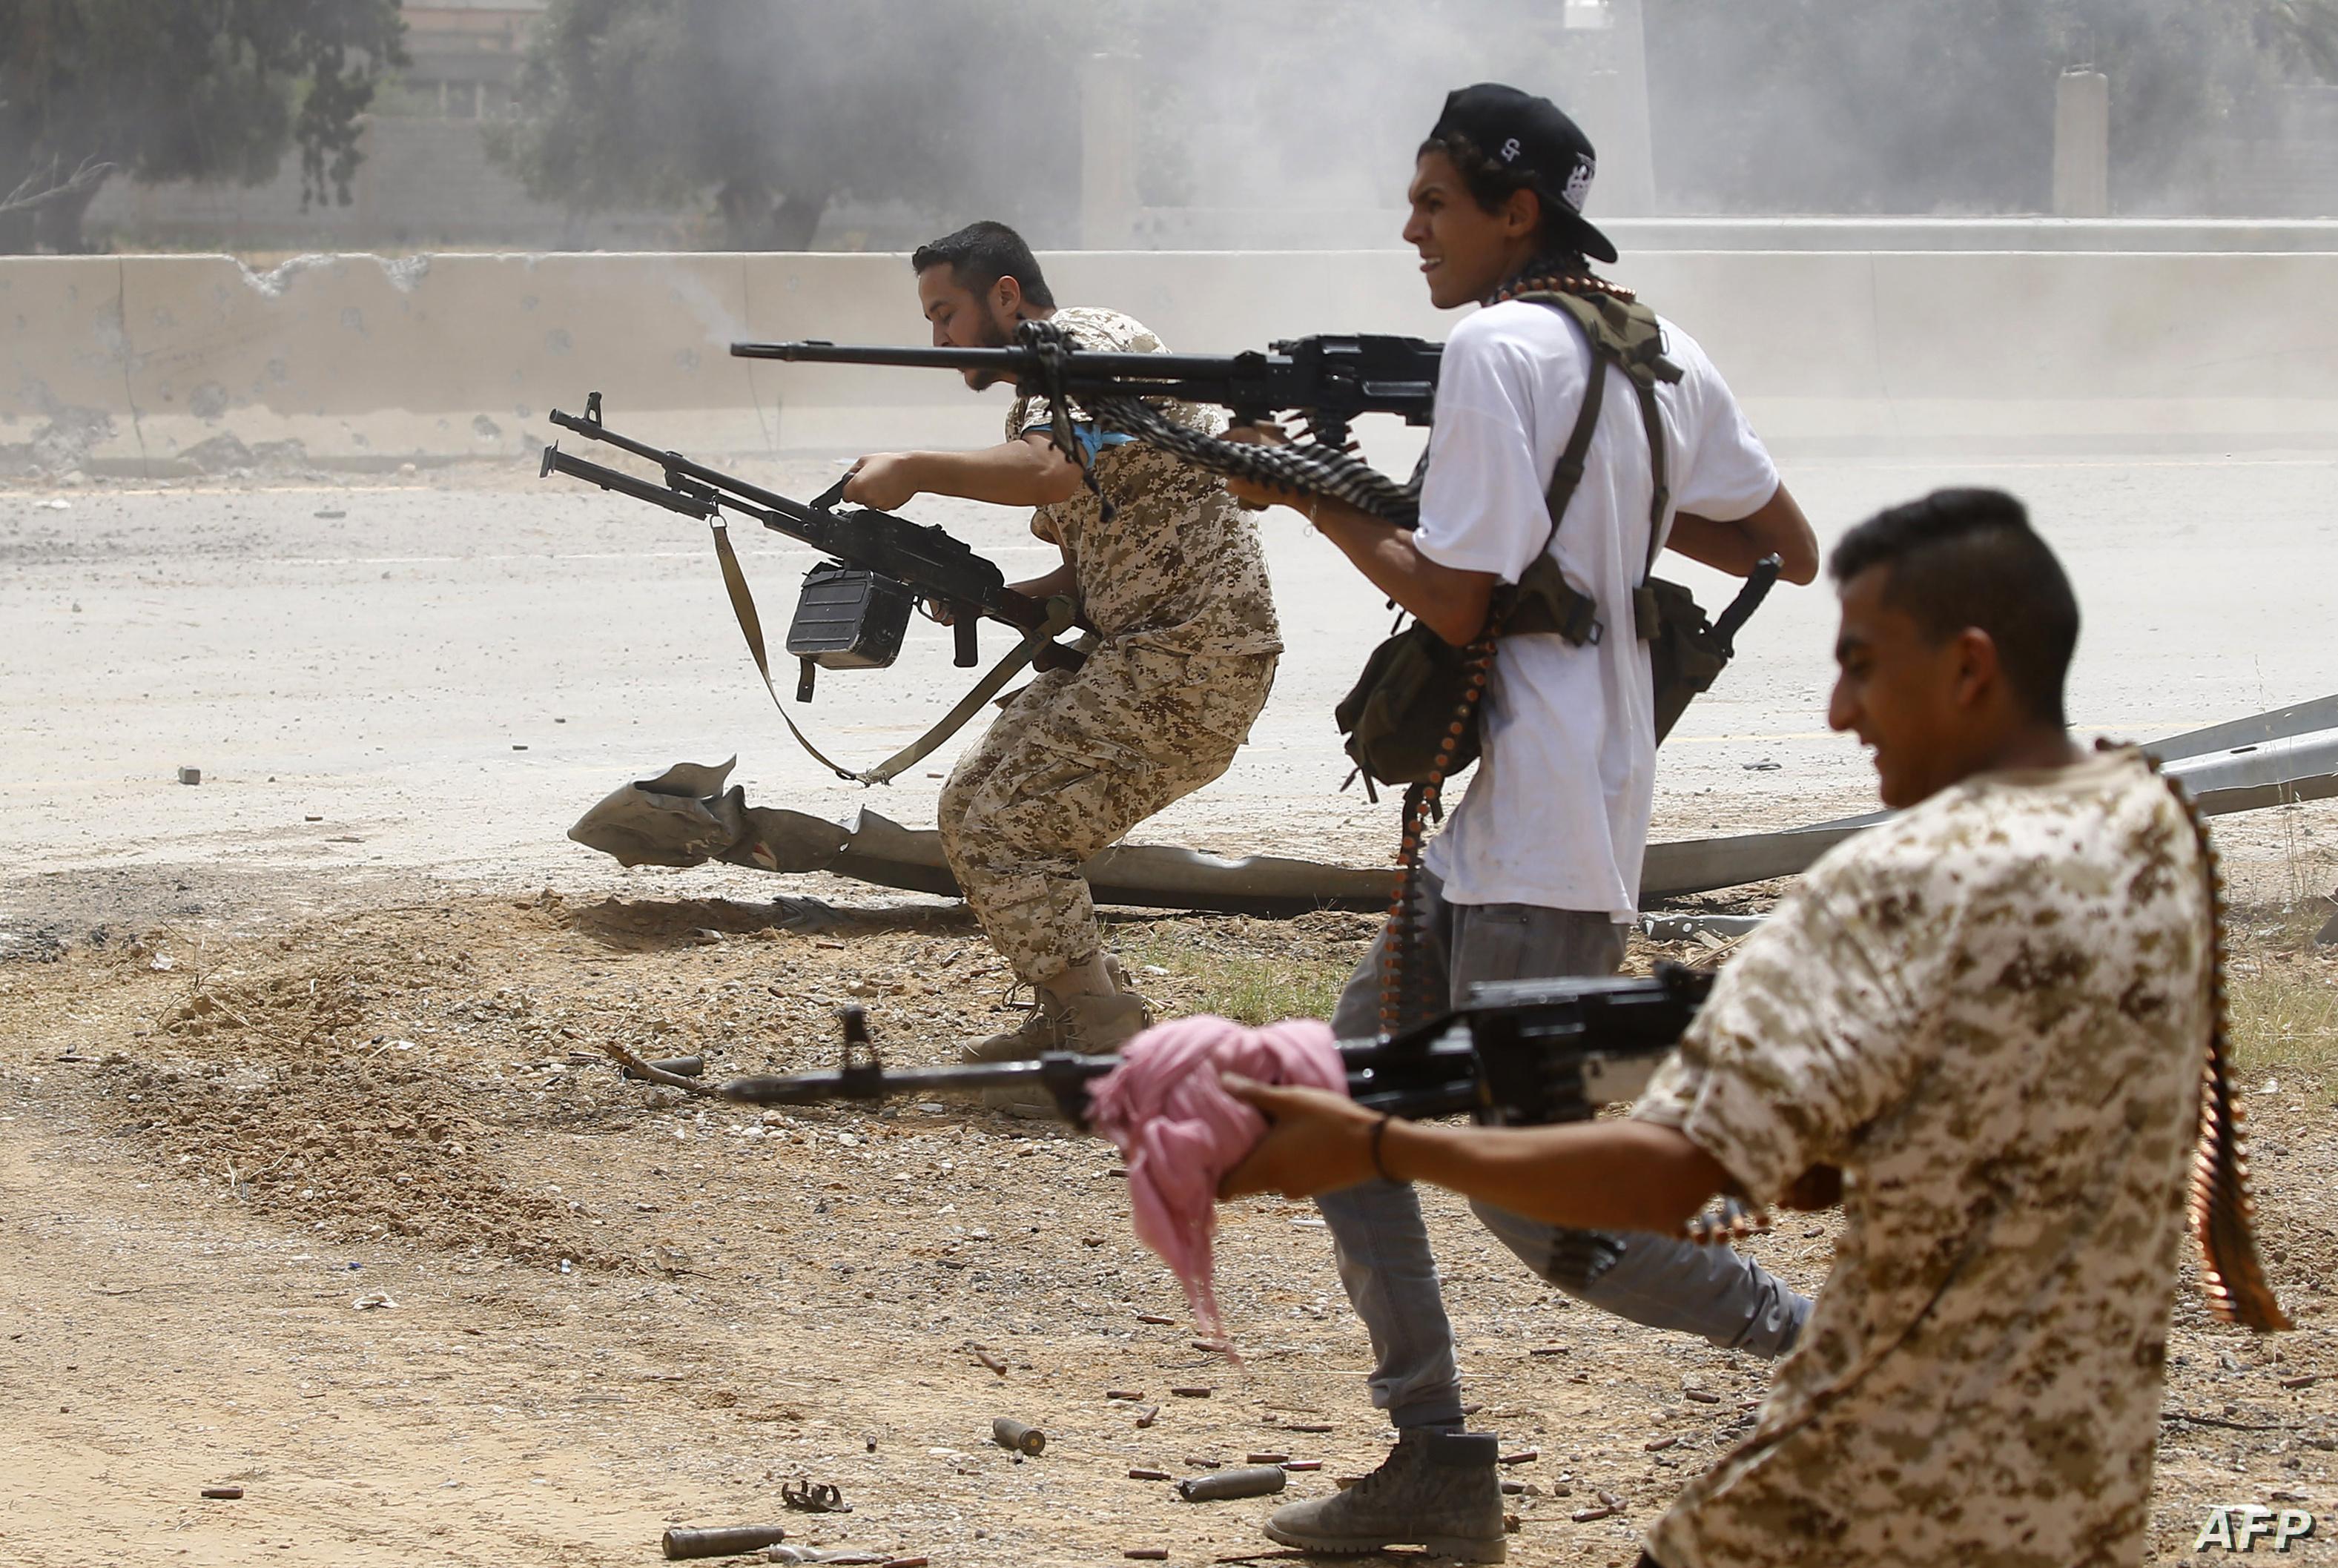 وصول دفعة جديدة من المقاتلين السوريين إلى ليبيا.. والمئات يستعدون ...